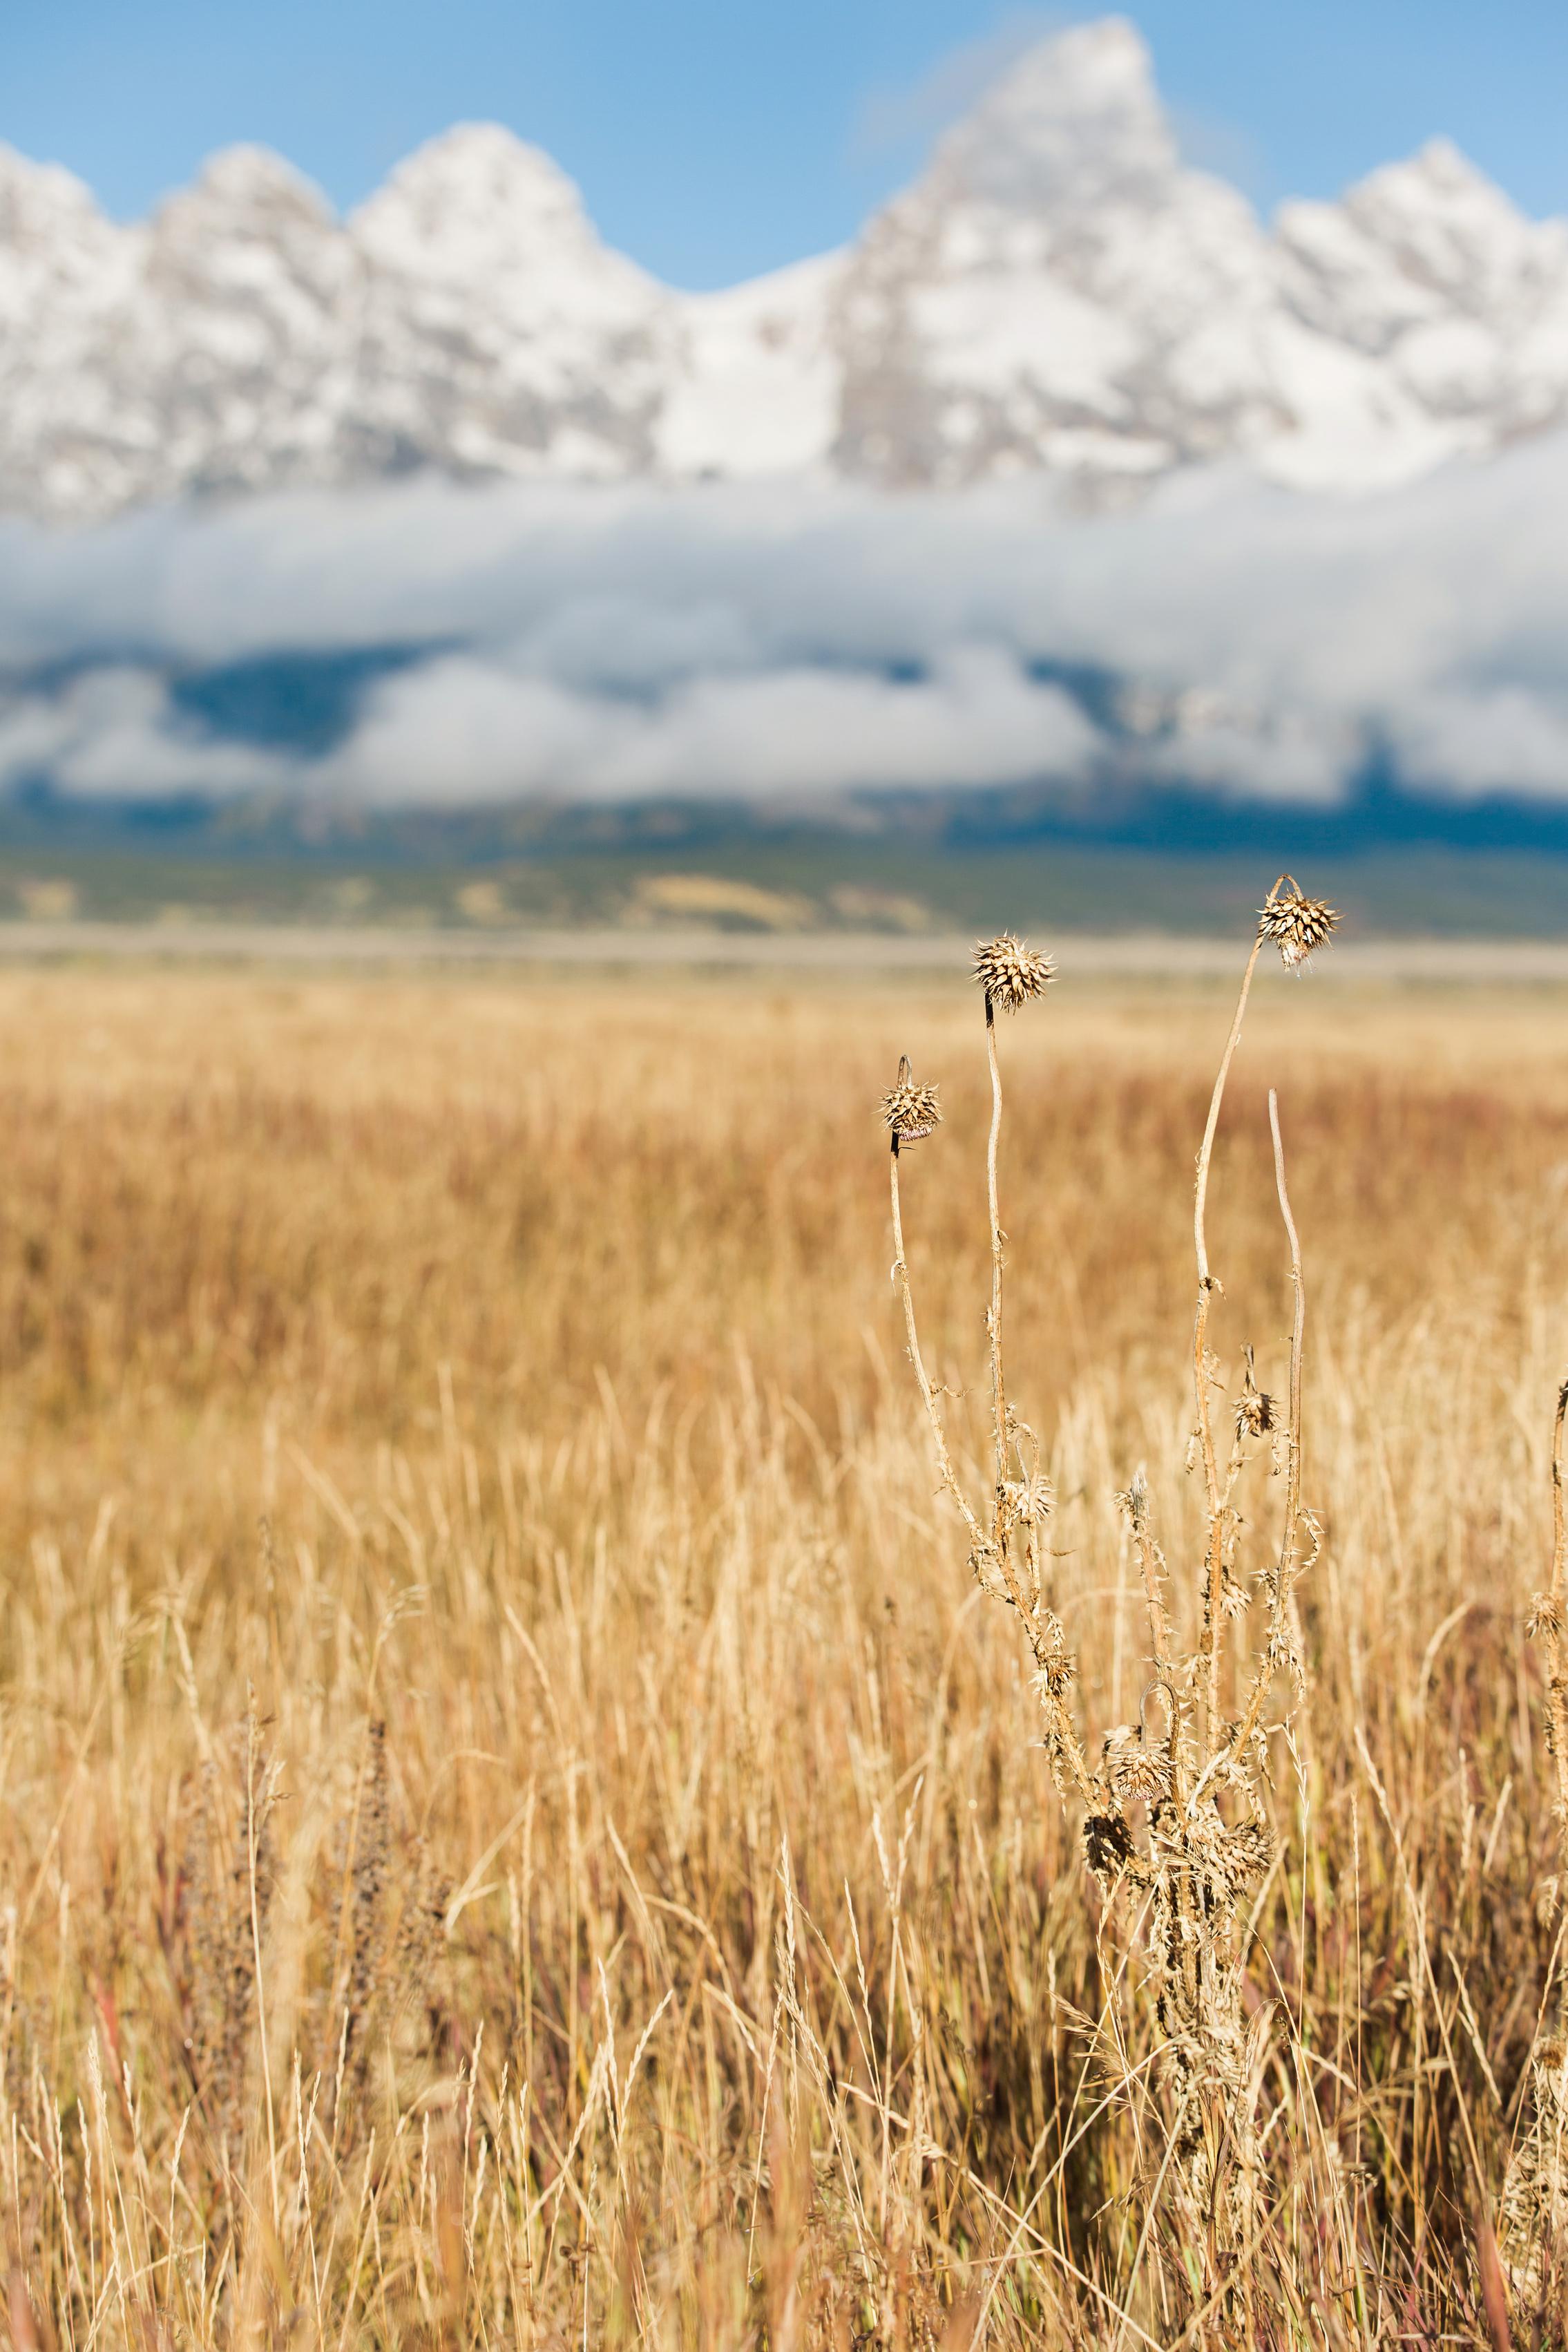 CindyGiovagnoli_Grand_Teton_National_Park_mountains_Bison_Autumn_Wyoming_Mormon_Row_aspens_fall_outdoor_photographer-045.jpg